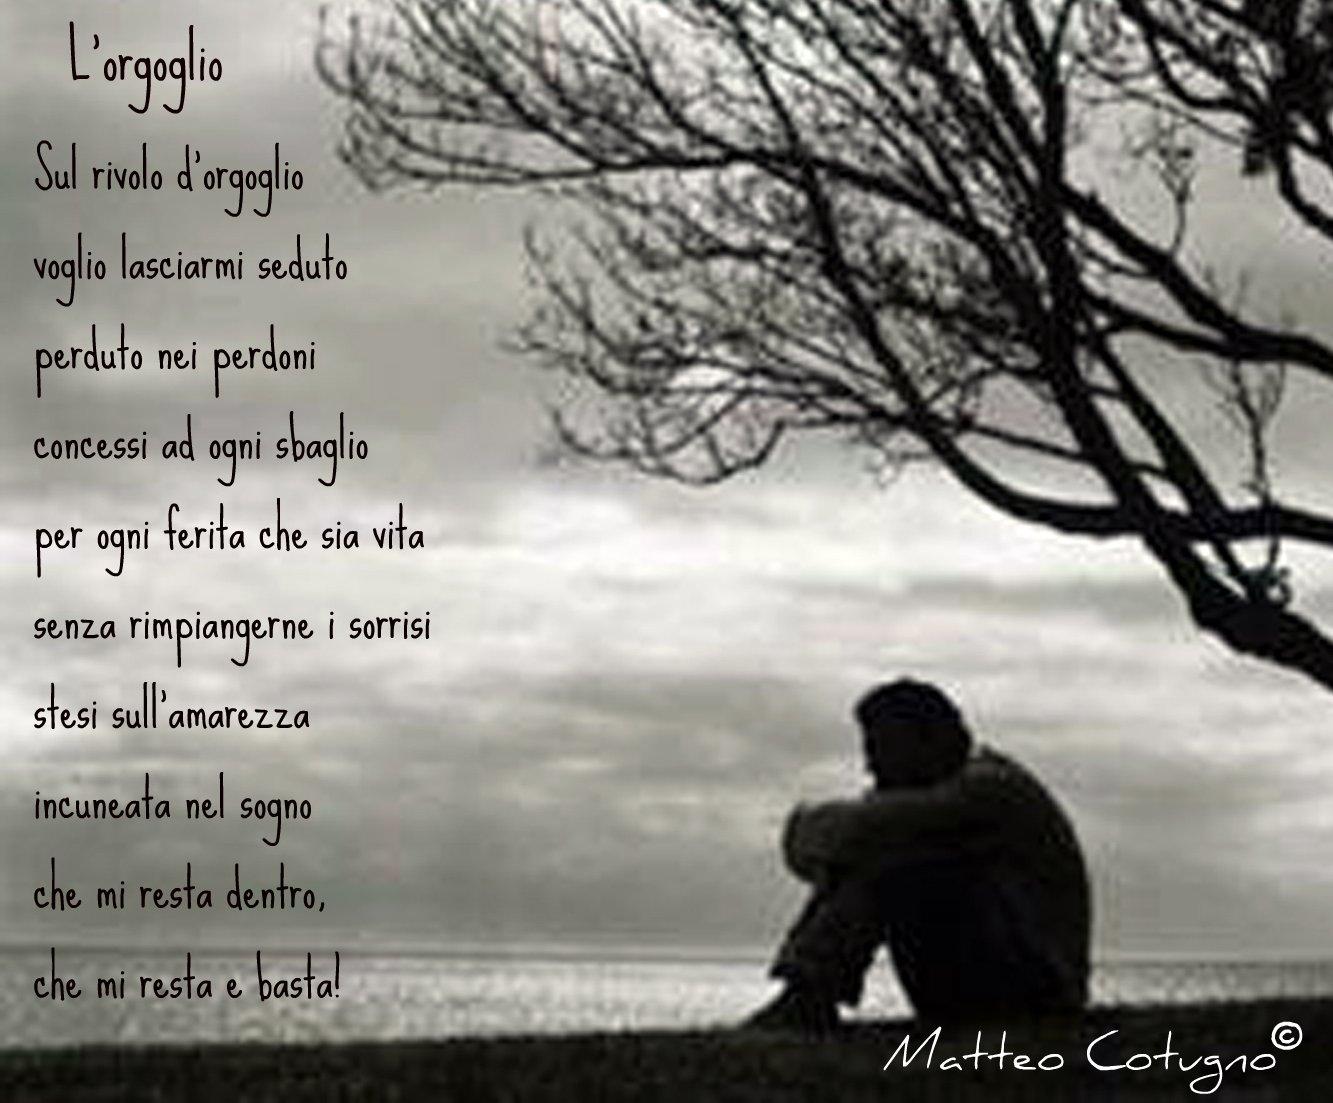 Poesie Di Matteo Cotugno Lorgoglio